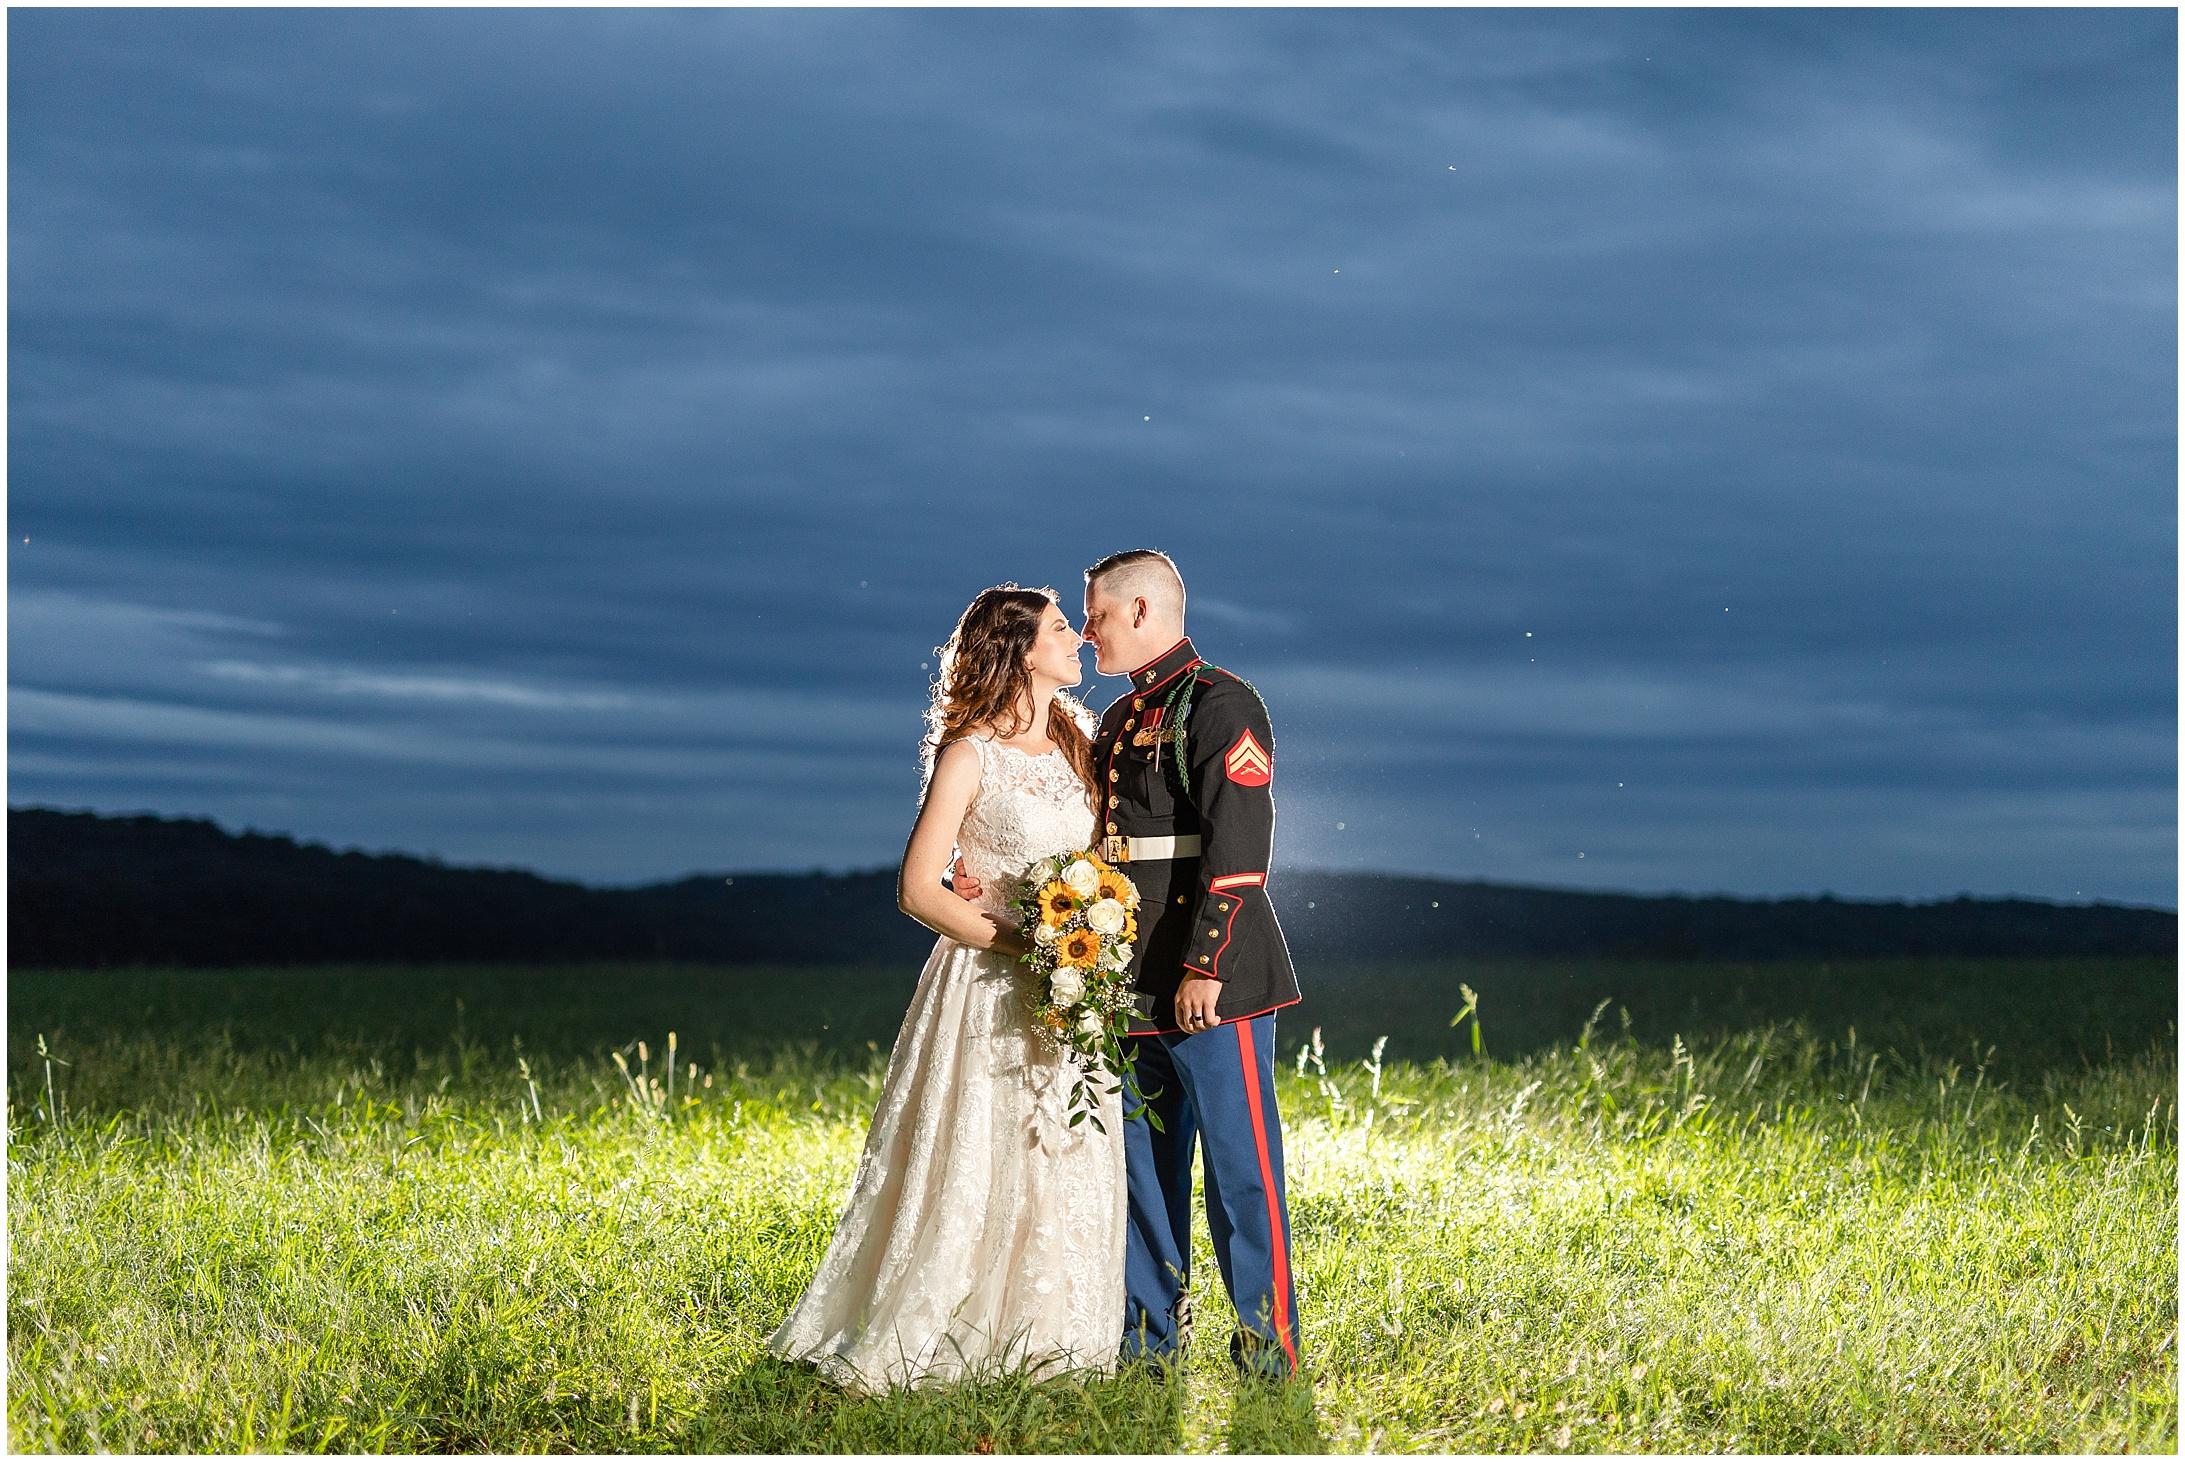 Montagu-Meadows-Wedding-Photos-950.jpg